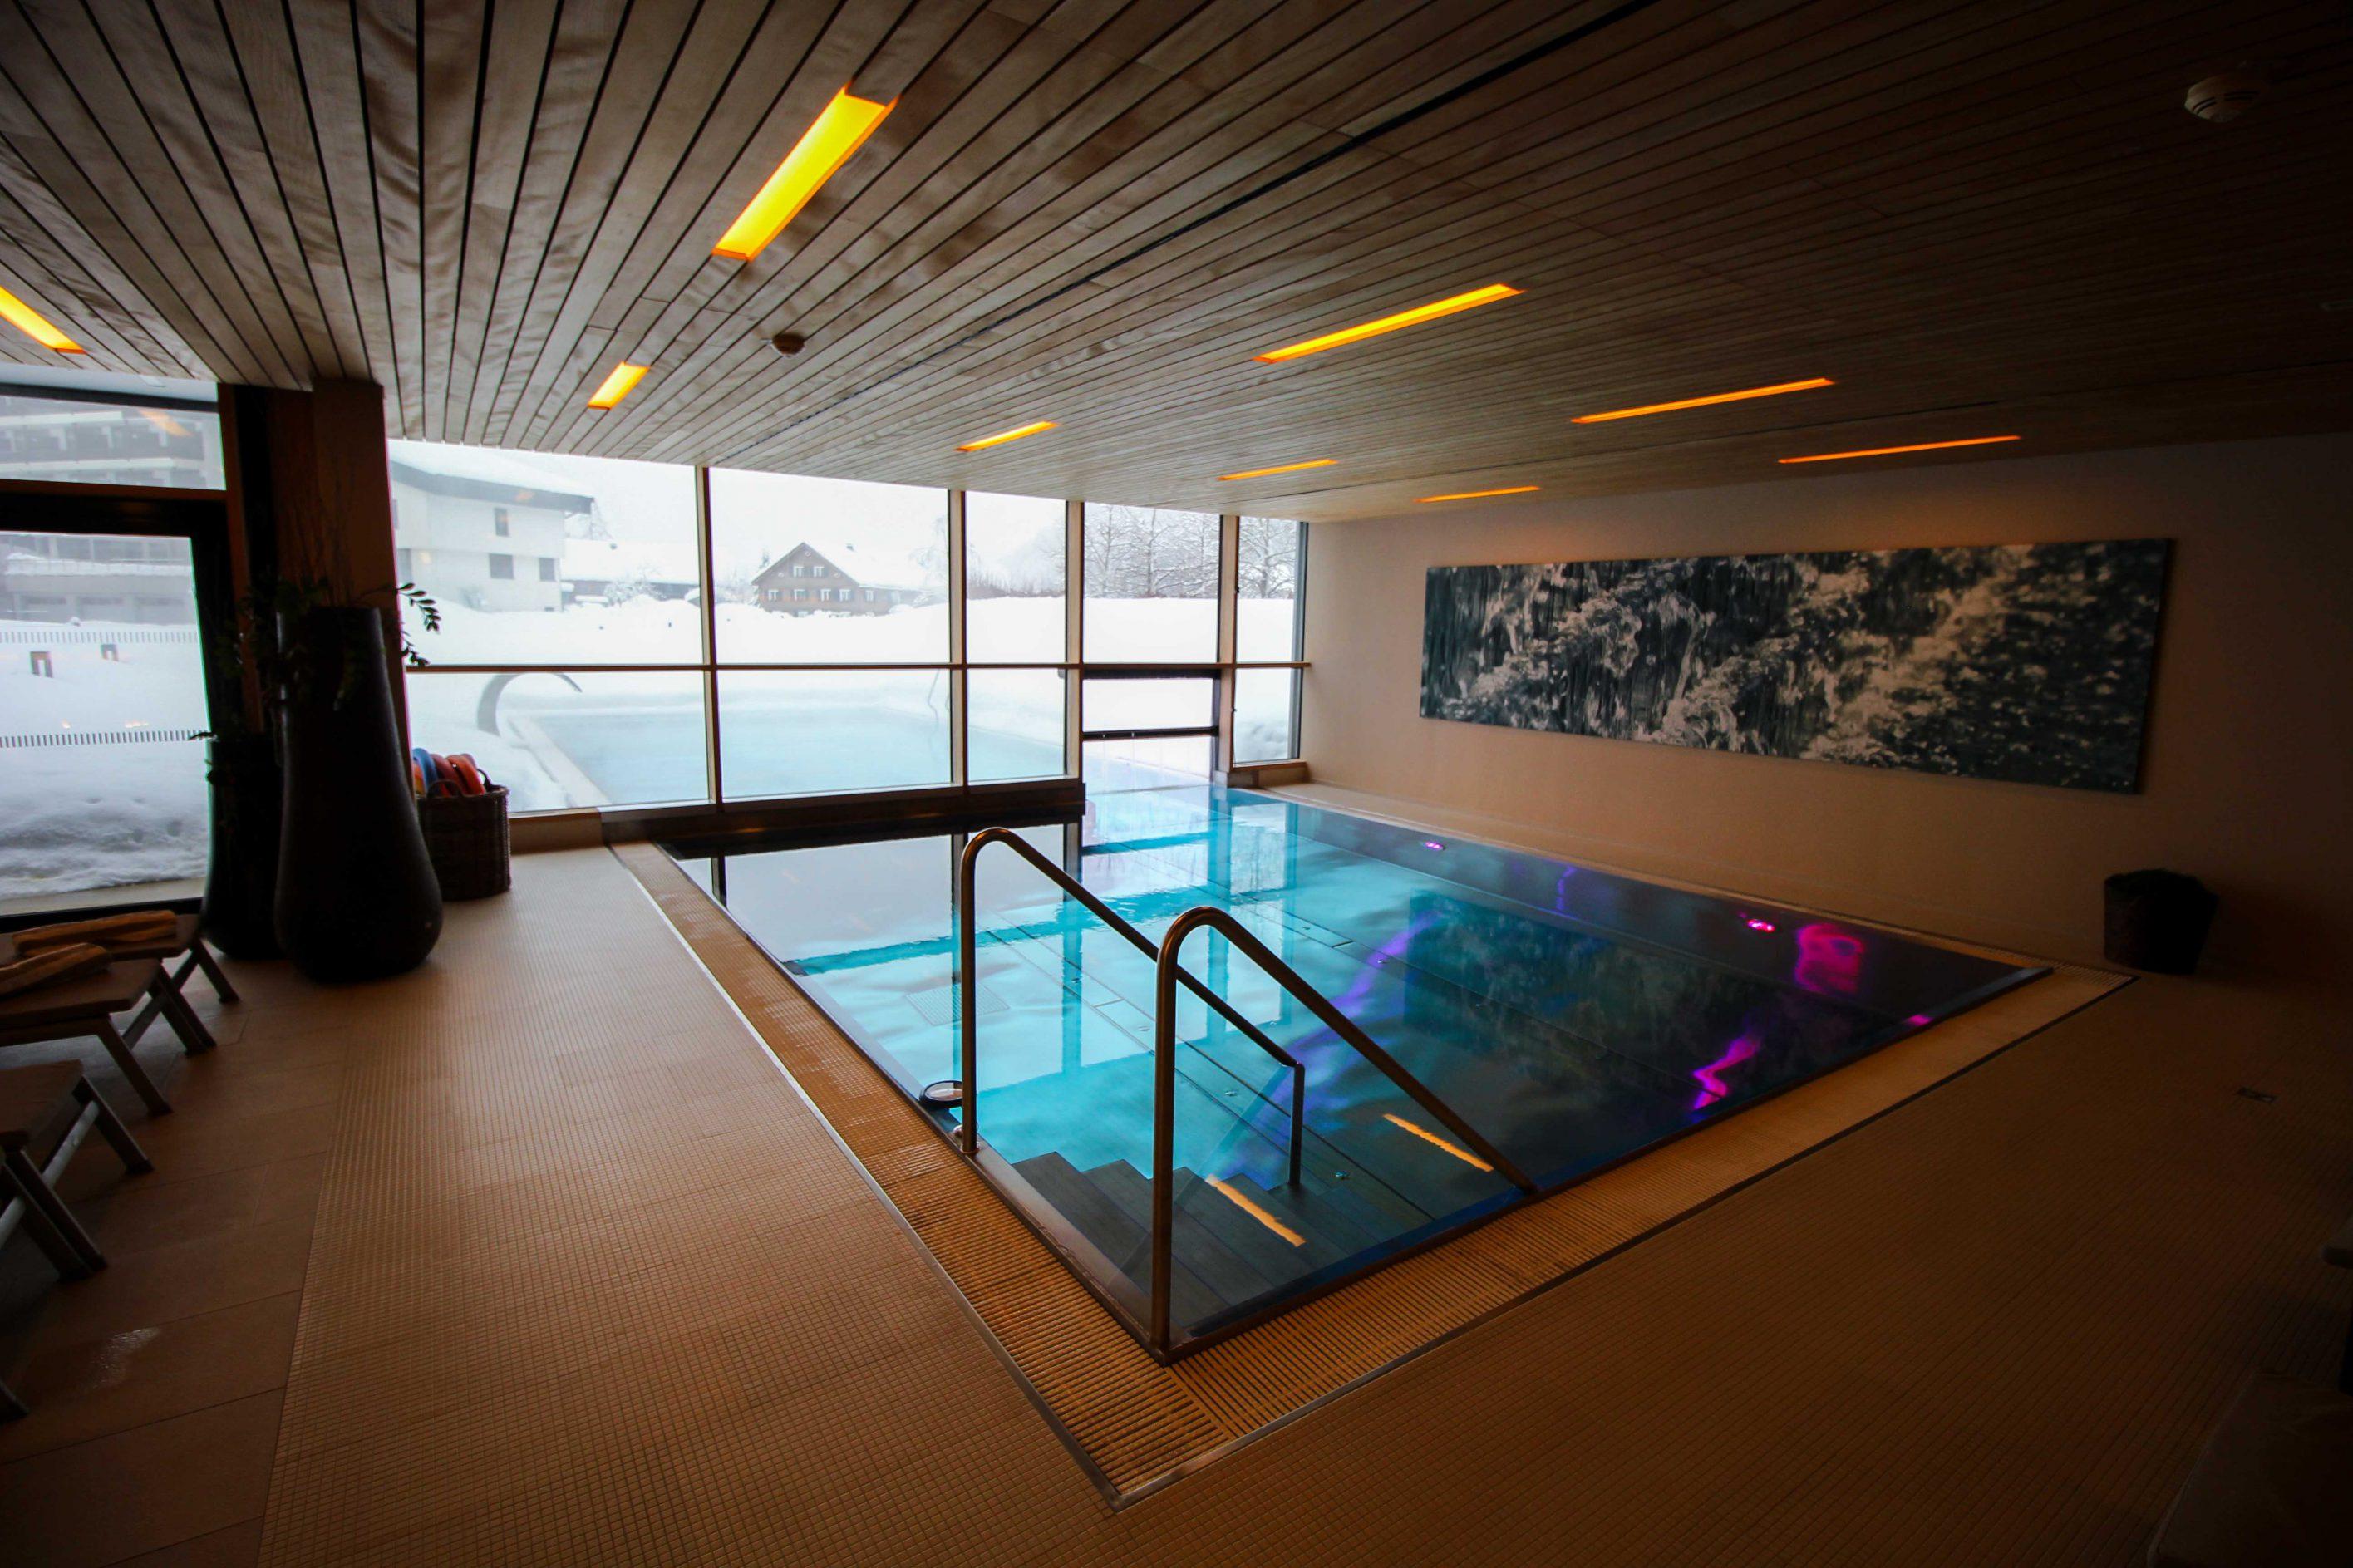 Wellnesswochenende Österreich Sonne Lifestyle Resort Mellau Wellnesshotel Bregenzerwald Wellnessbereich Pool Indoor Schwimmbecken Reiseblog